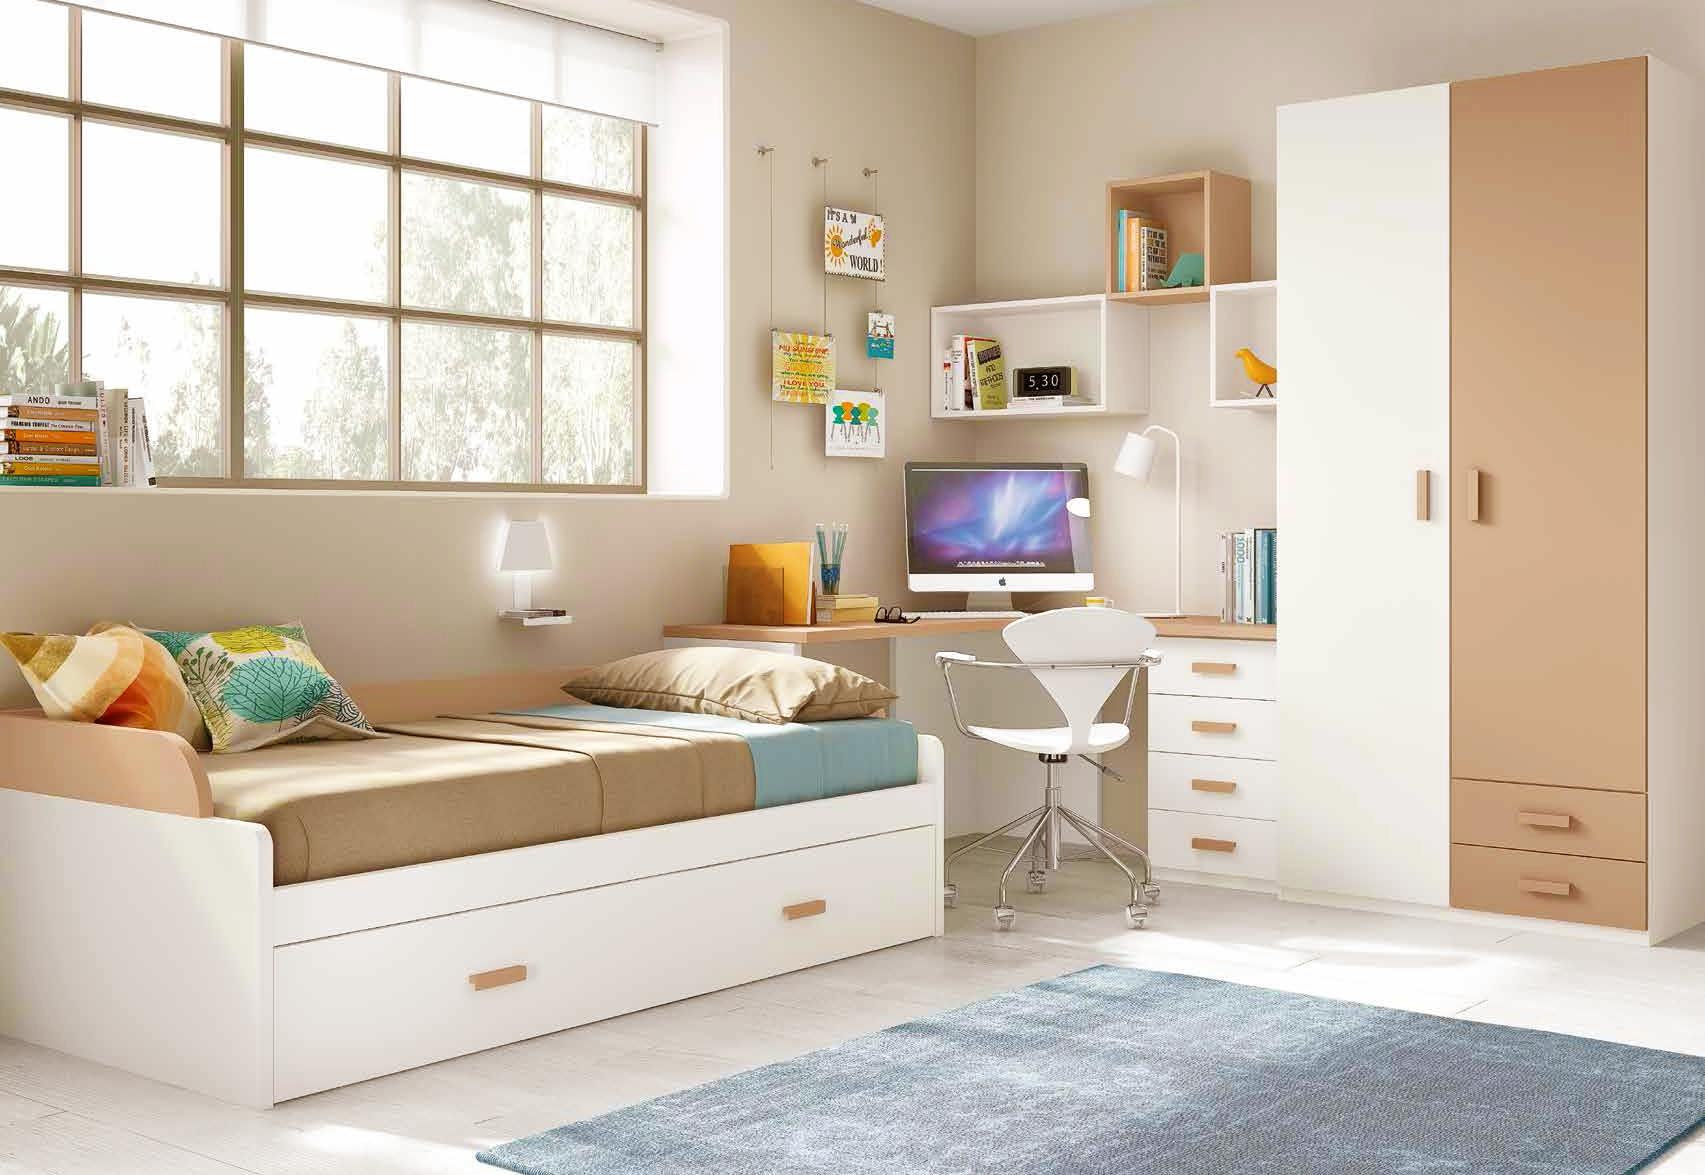 Chambre pour enfant cosy avec son lit gigogne  GLICERIO  SO NUIT